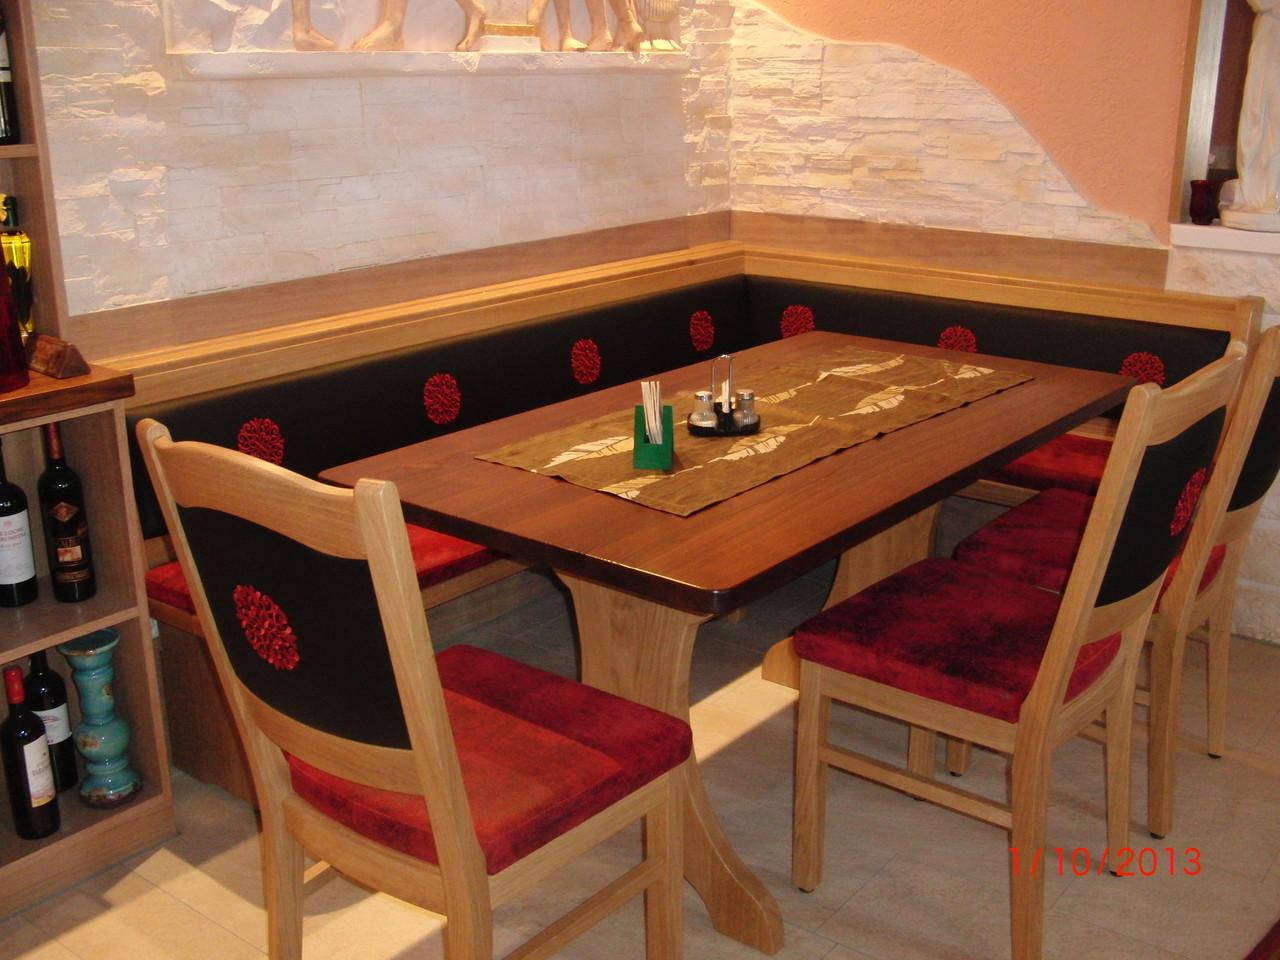 Hochwertiges Kunstleder mit Rose als Rücken in einer Gaststätte (Sonderanfertigung)